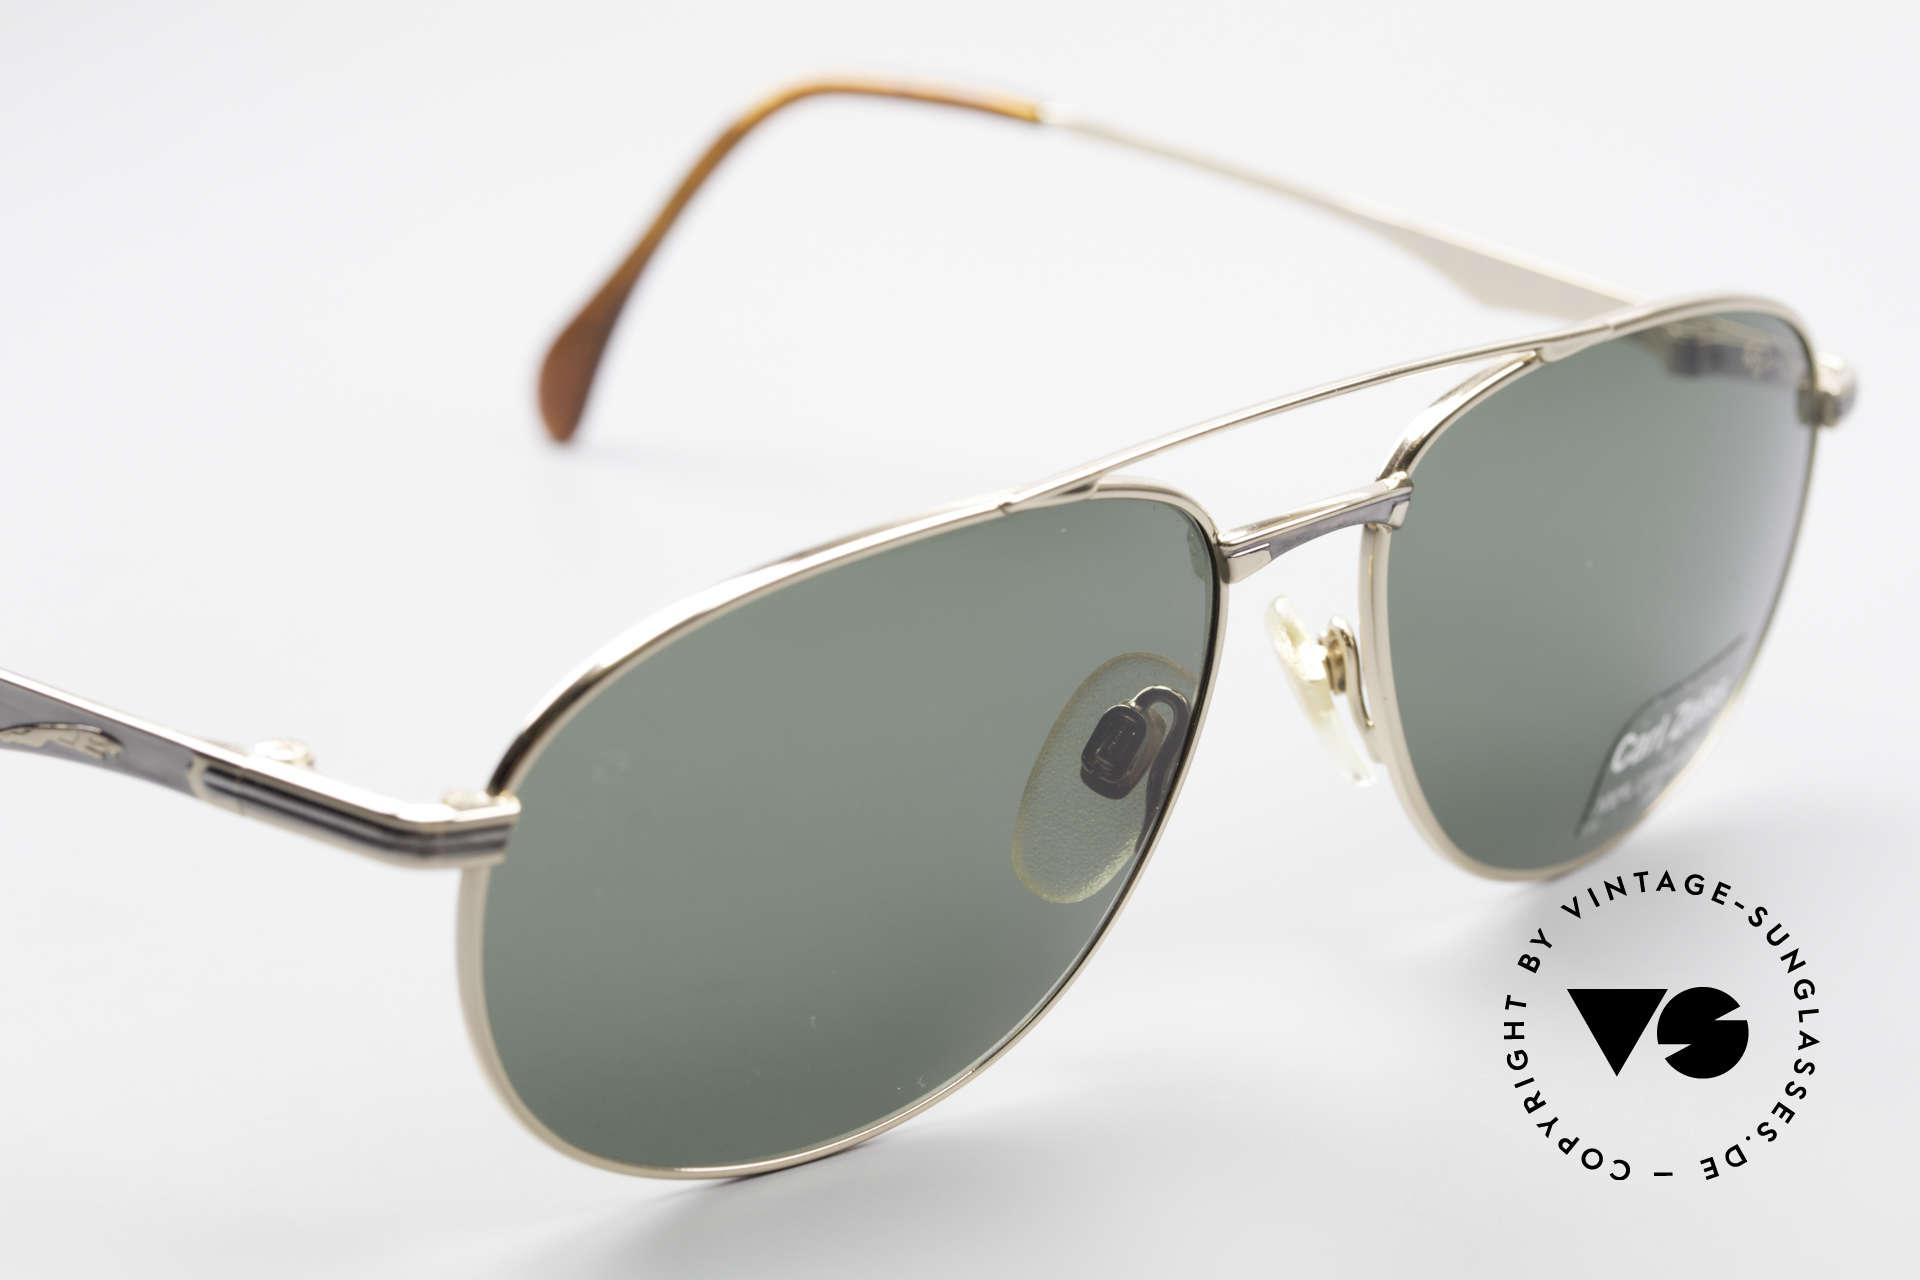 Jaguar 3709 Rare Vintage Sunglasses 90's, unworn, NOS (like all our vintage men's sunglasses), Made for Men